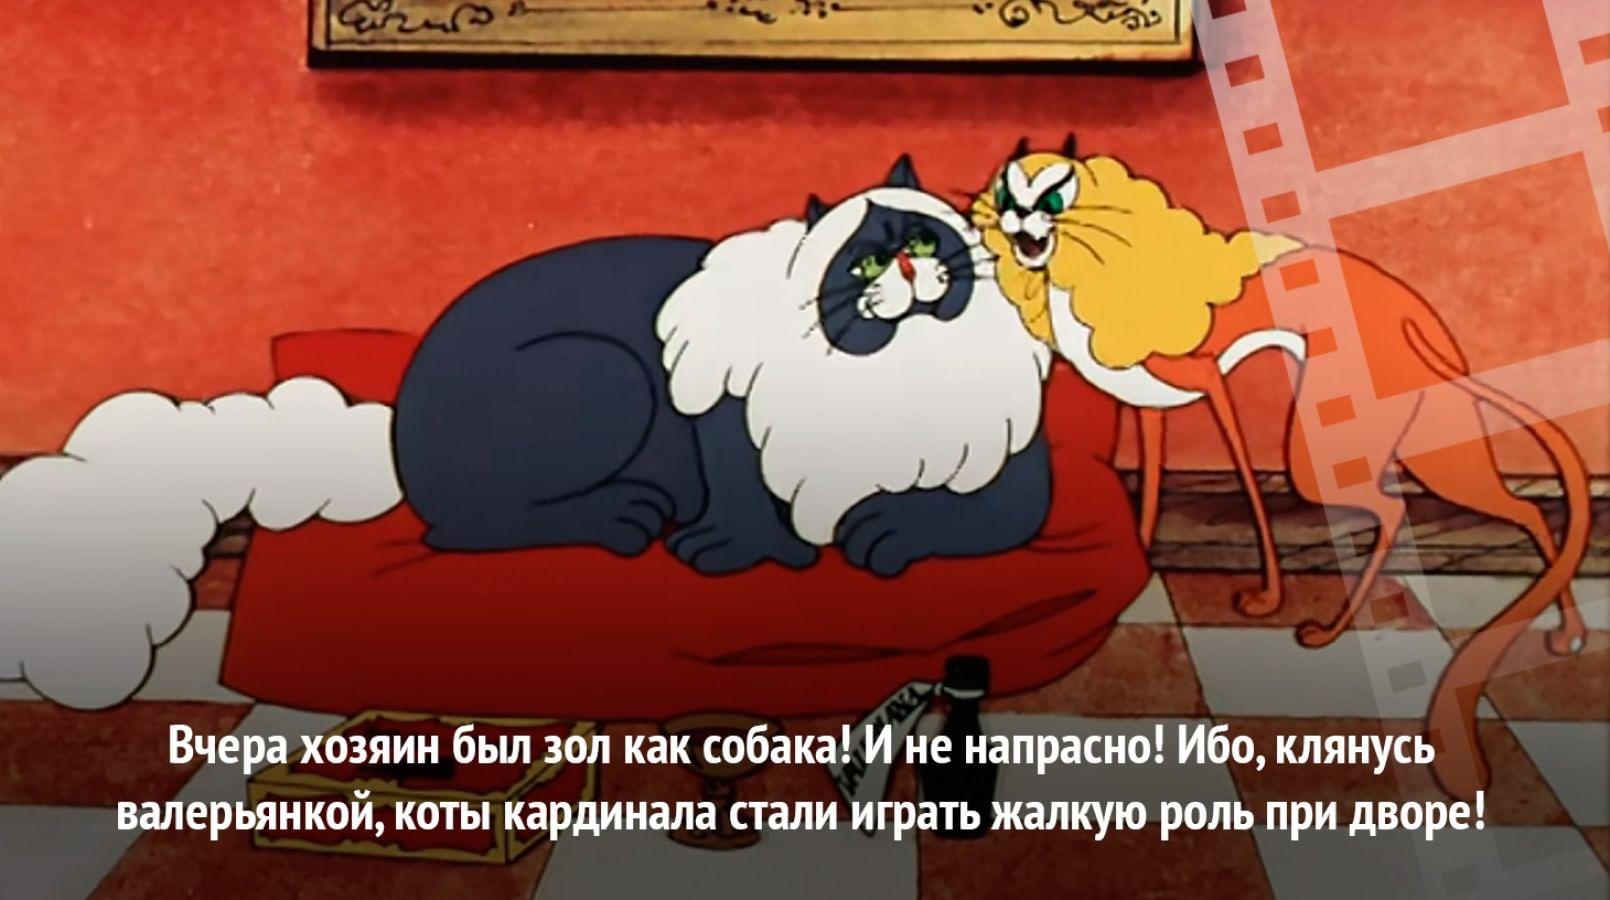 Кадр из мультфильма «Пес в сапогах»